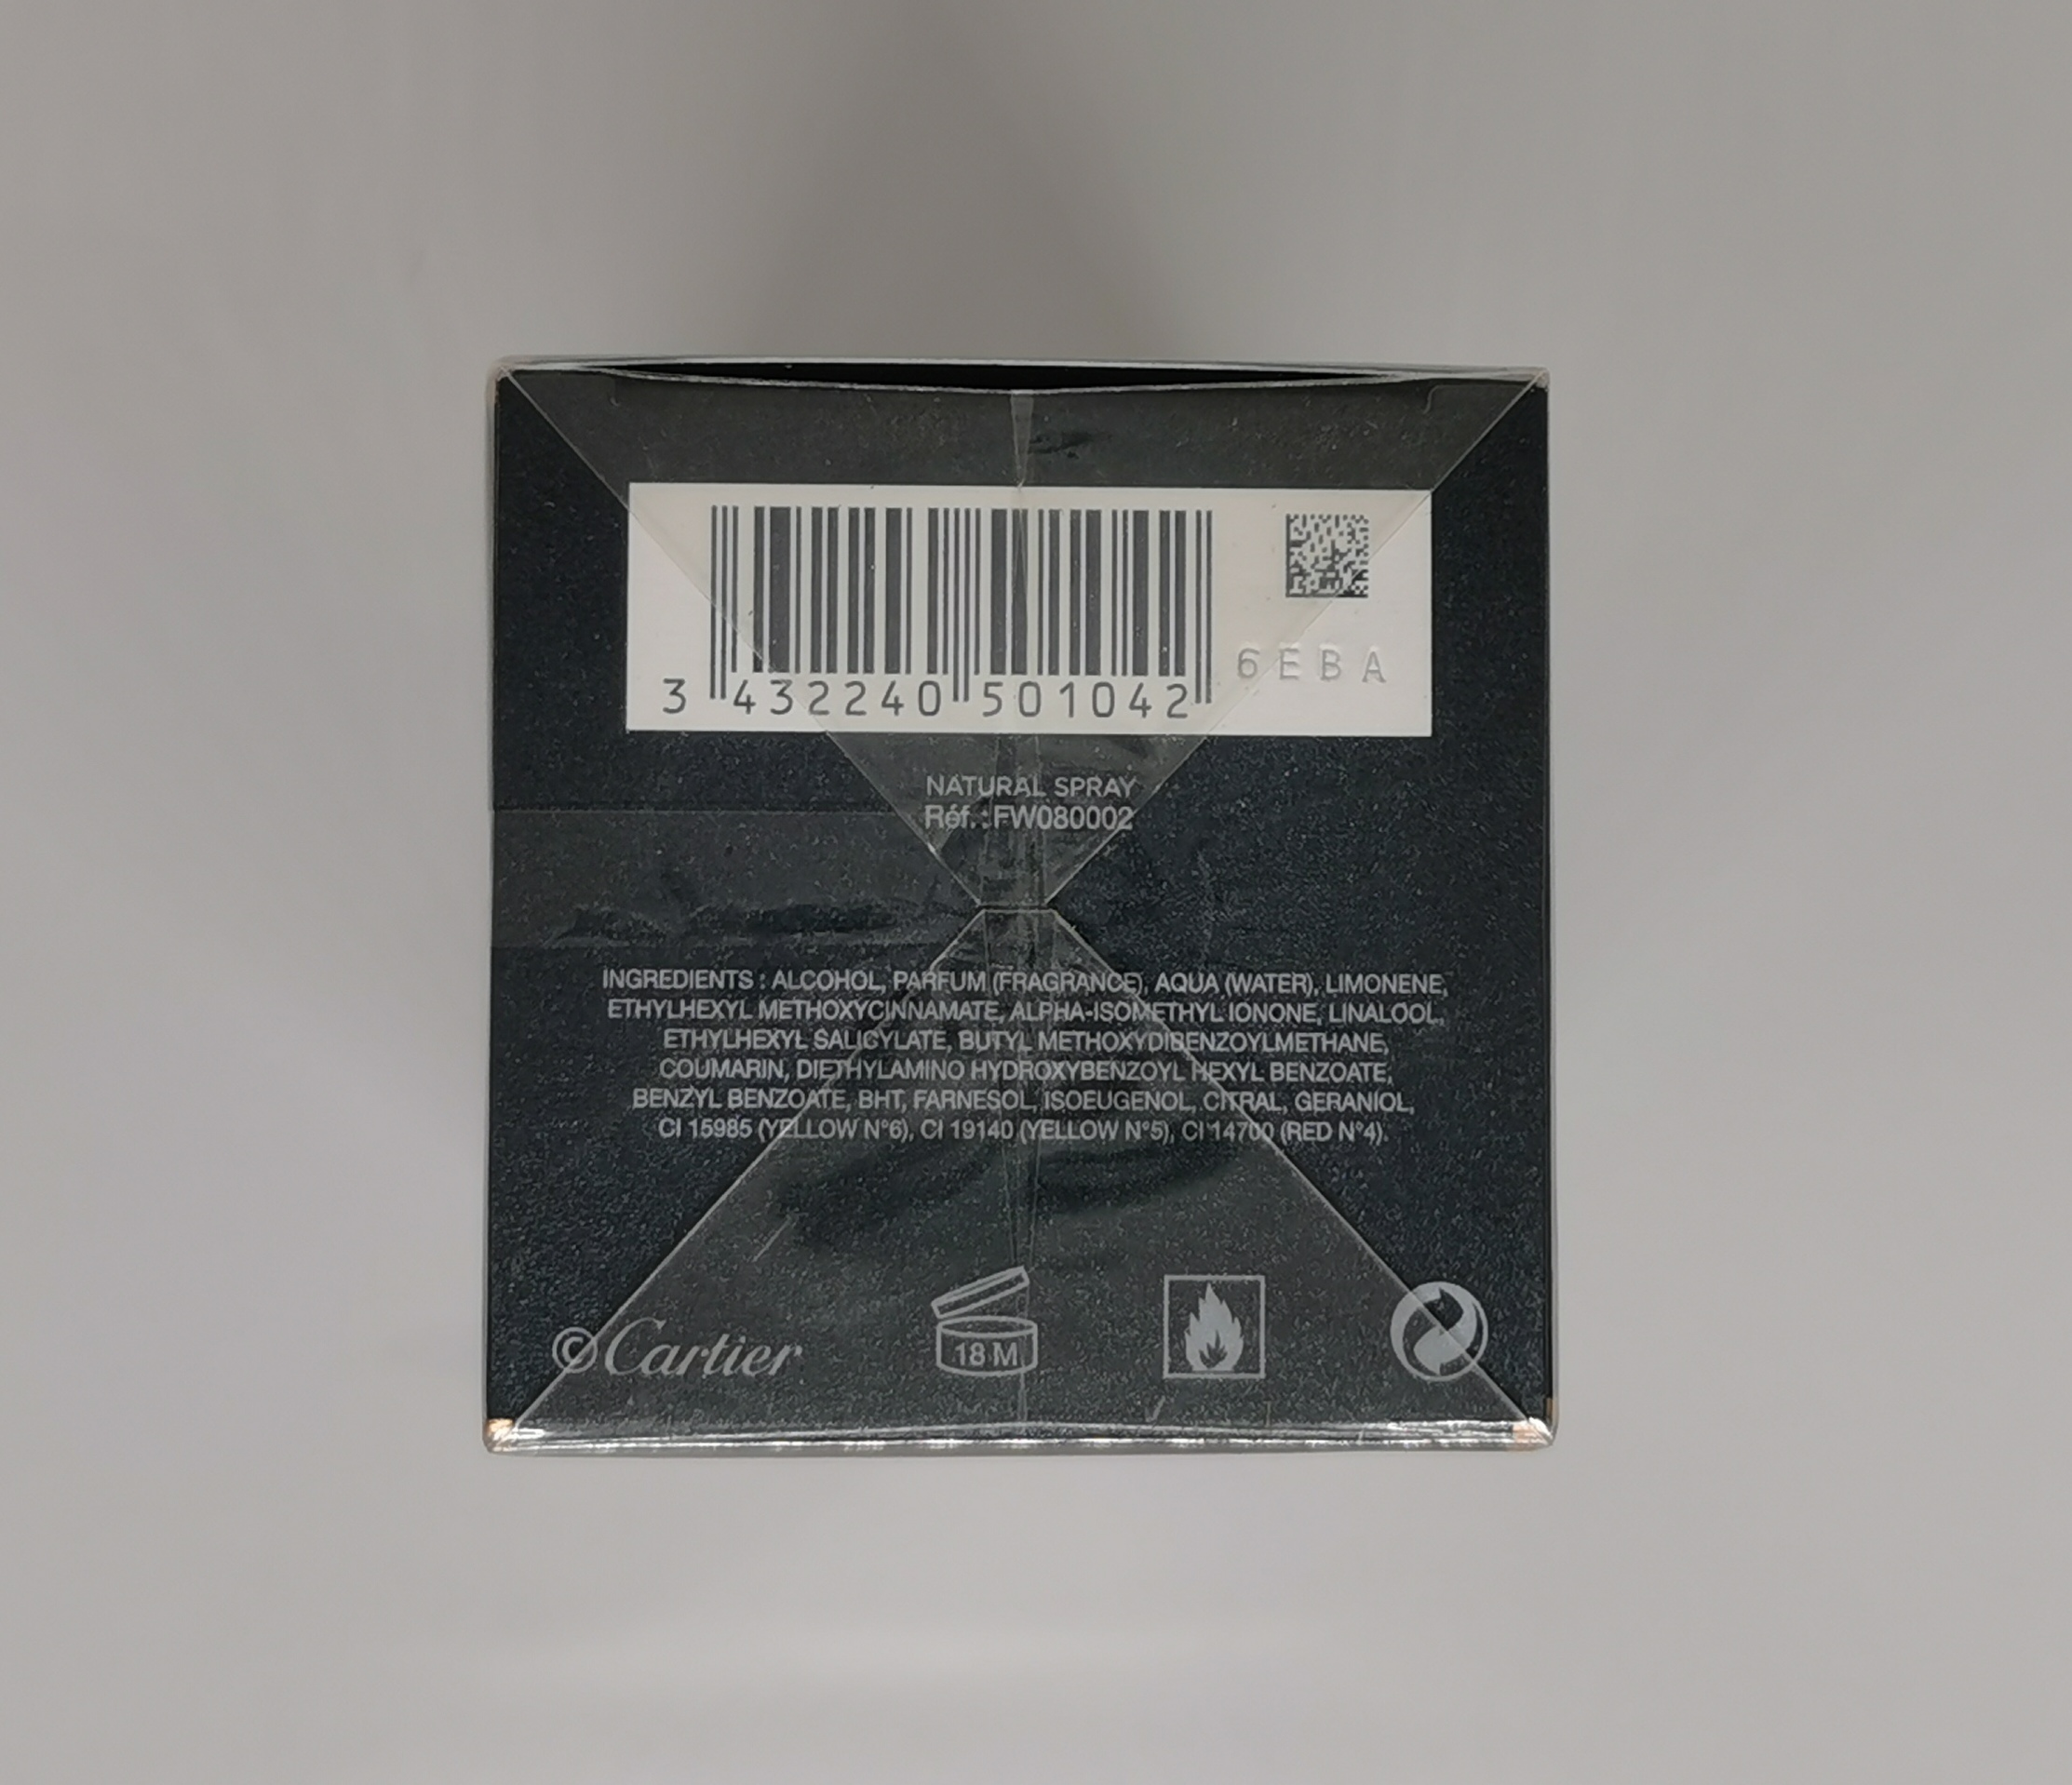 Парфюмерная вода 80 мл Cartier L Envol - фото штрих-кода и батч-кода на коробке